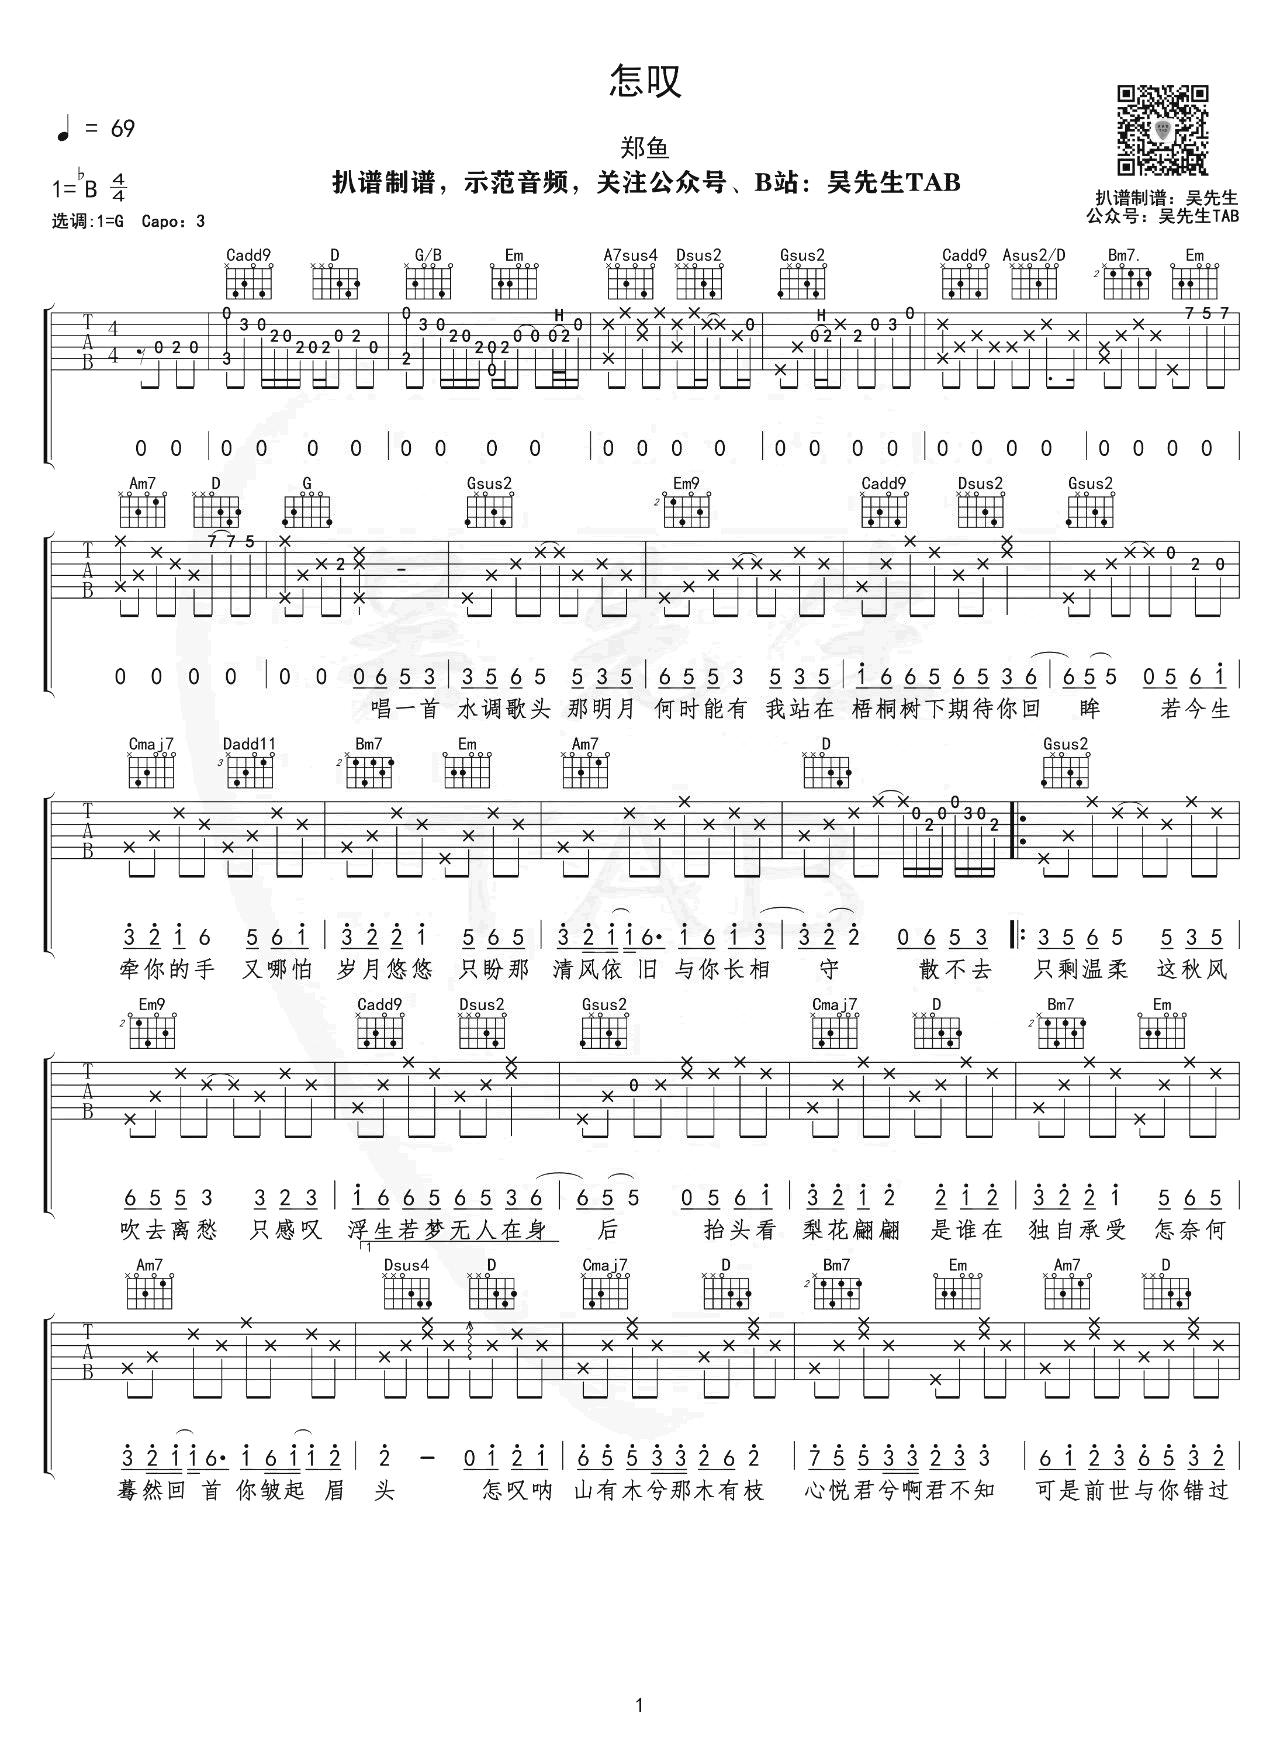 郑鱼-怎叹吉他谱-弹唱六线谱-1